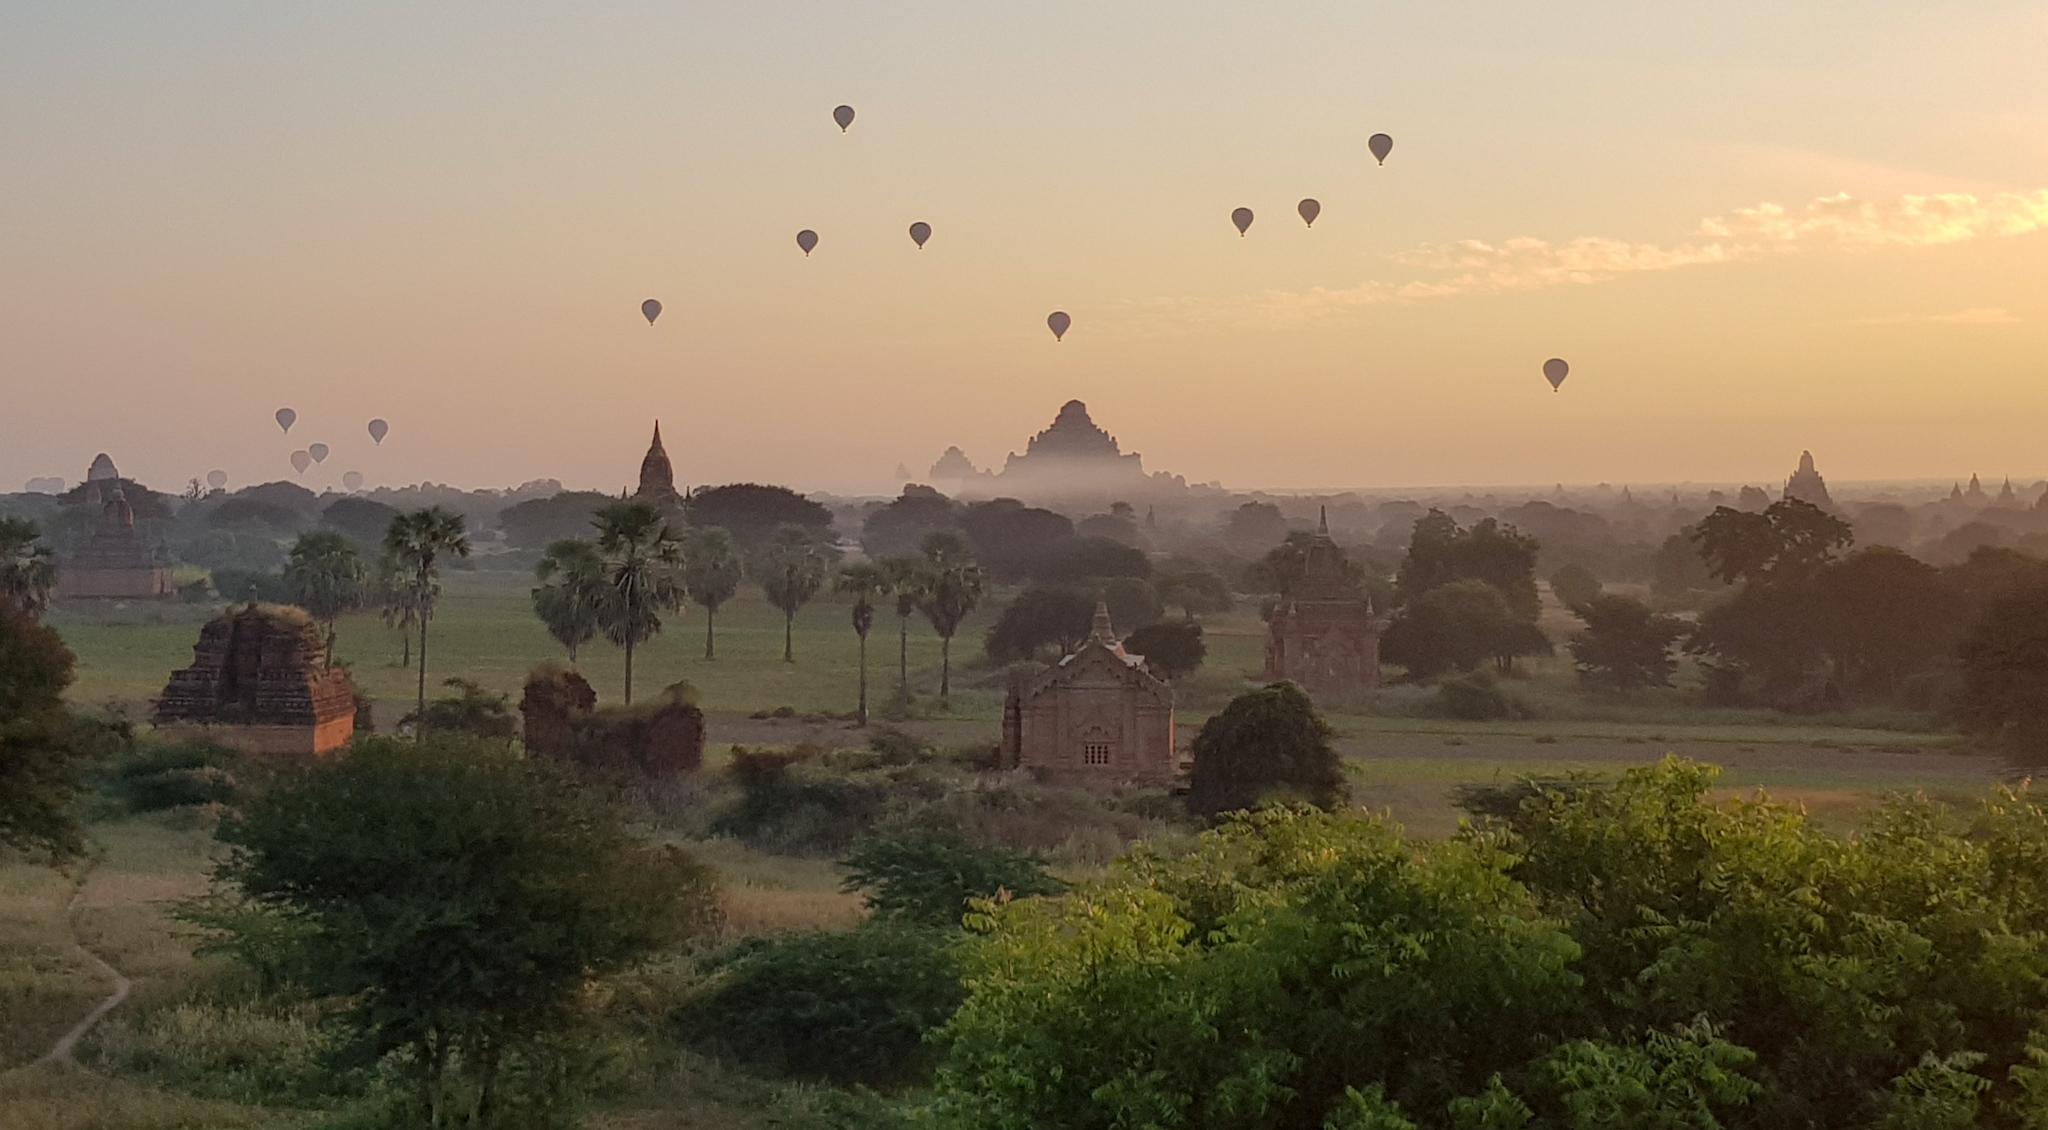 Sonnenaufgang in Bagan mit Ballons